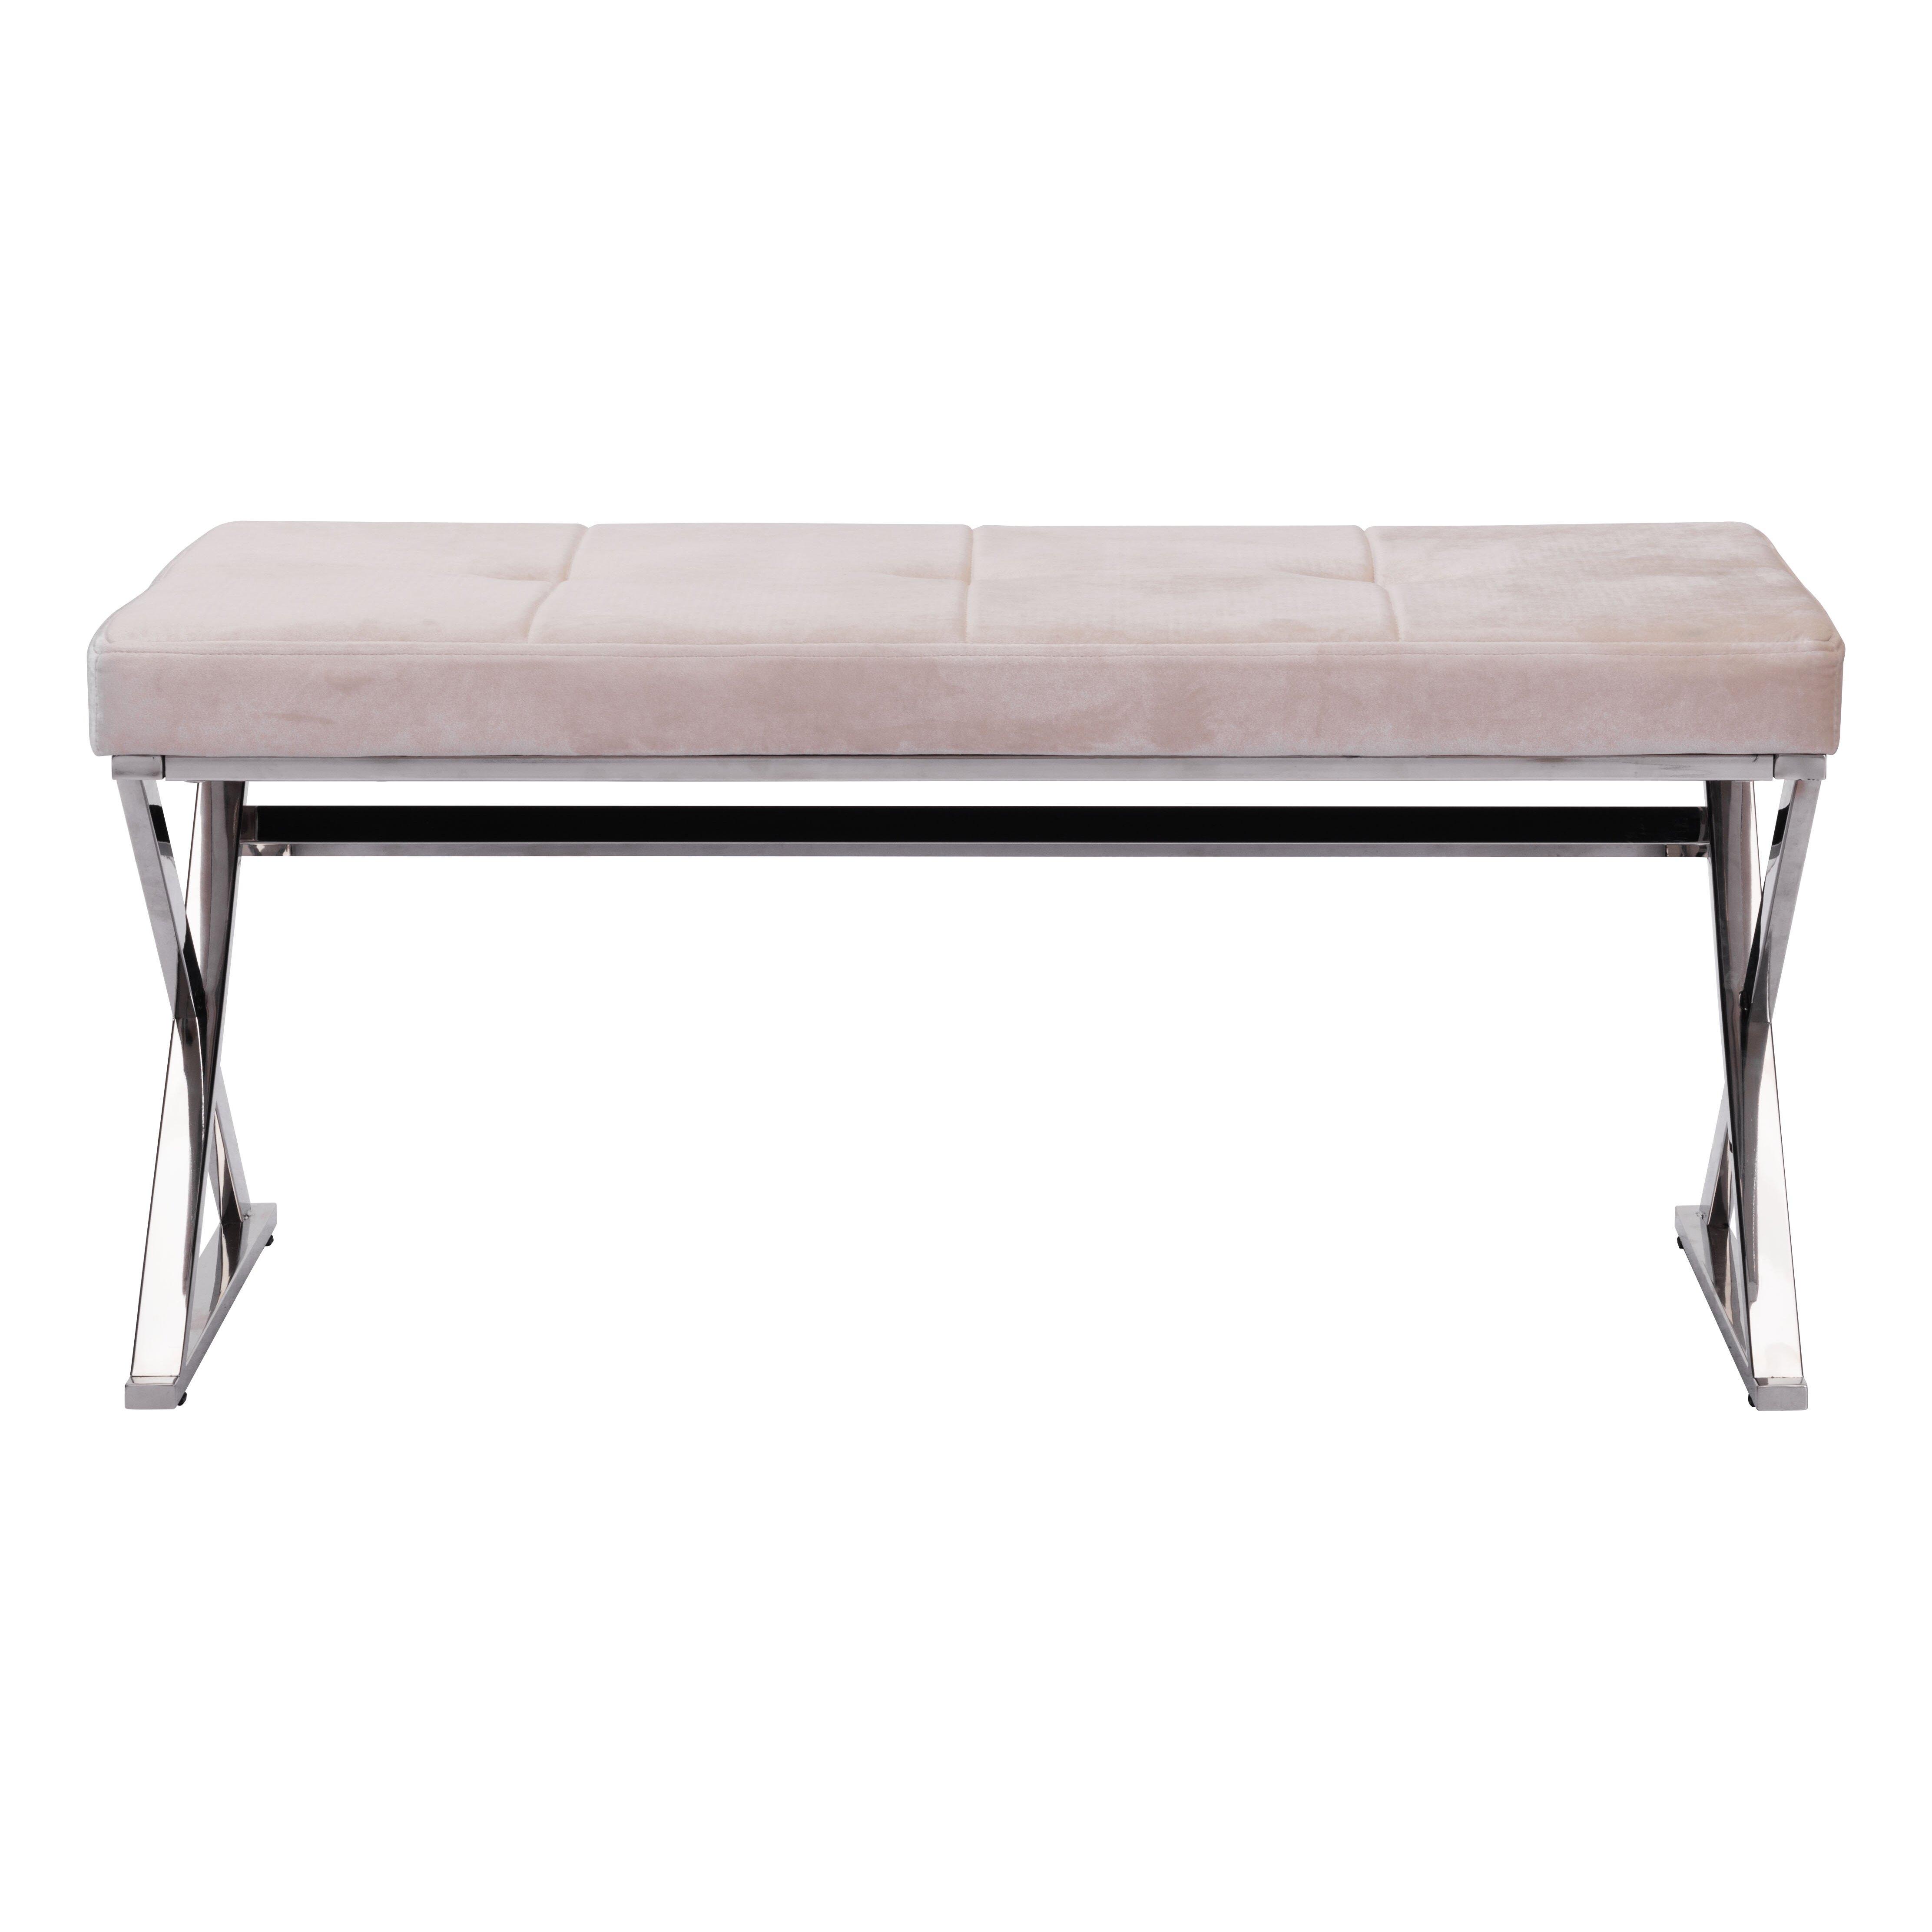 Mercer41 Roberdeau Upholstered Bedroom Bench & Reviews